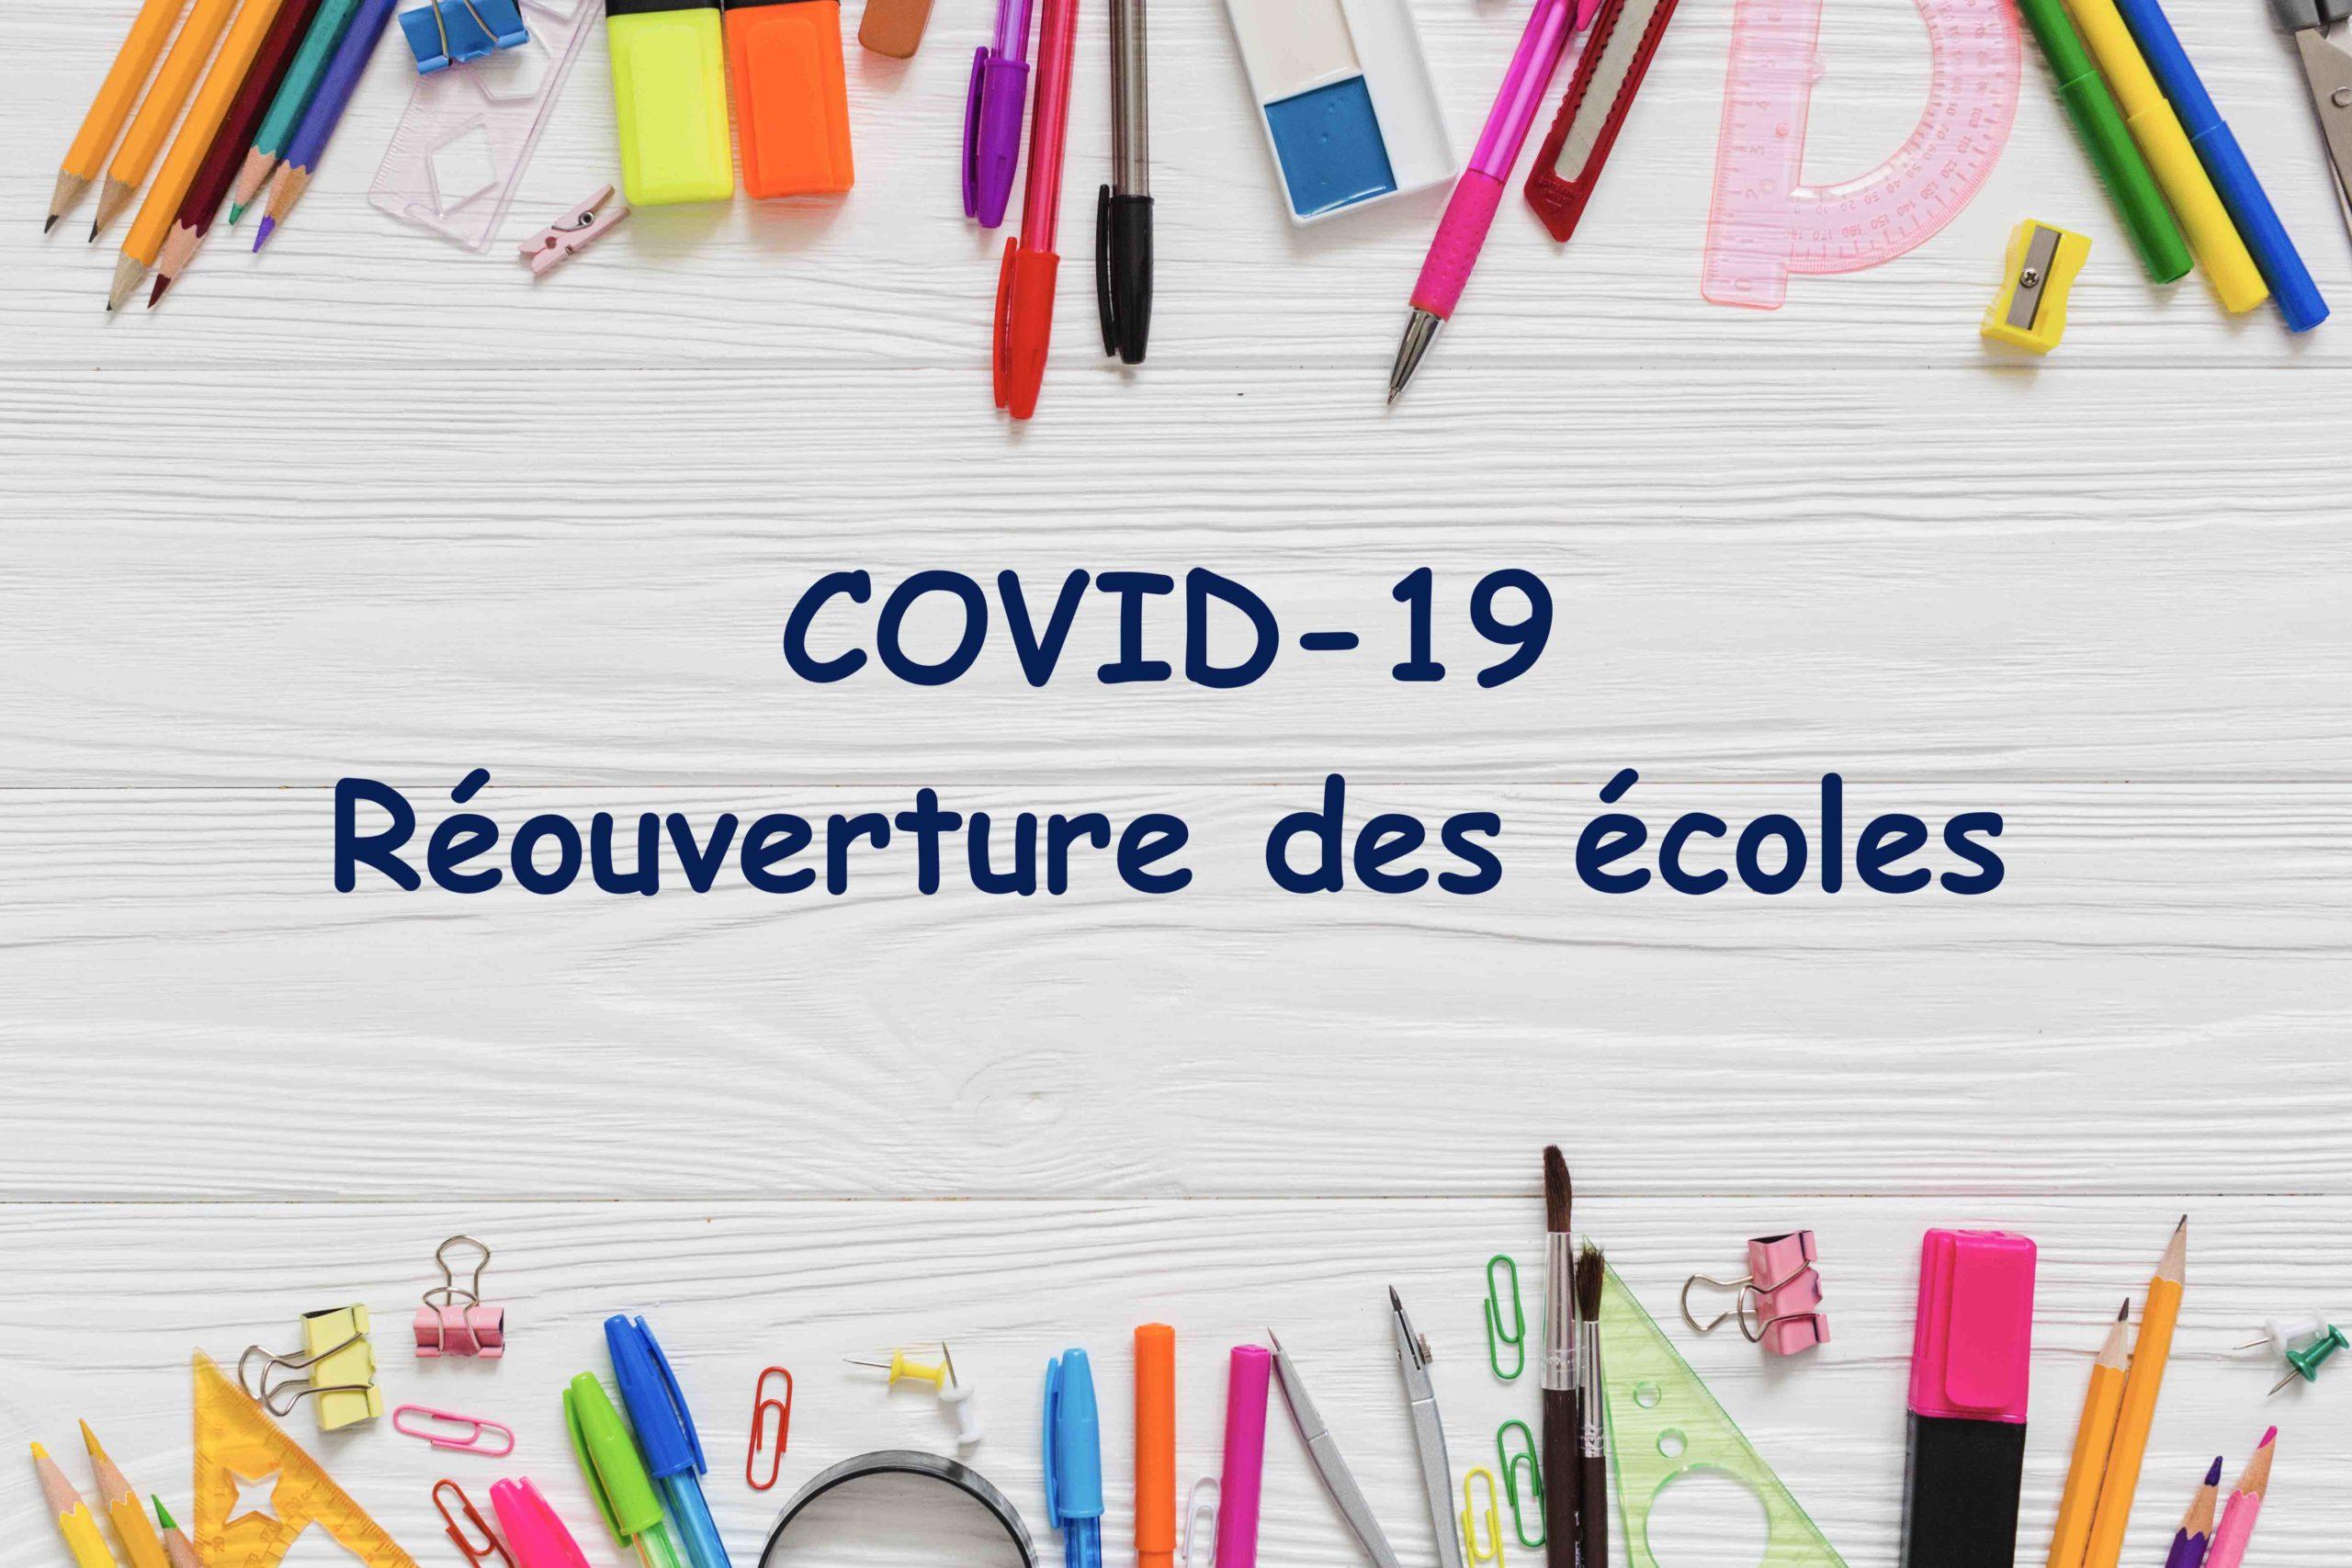 COVID-19 : modalités de réouverture des écoles à Villemur